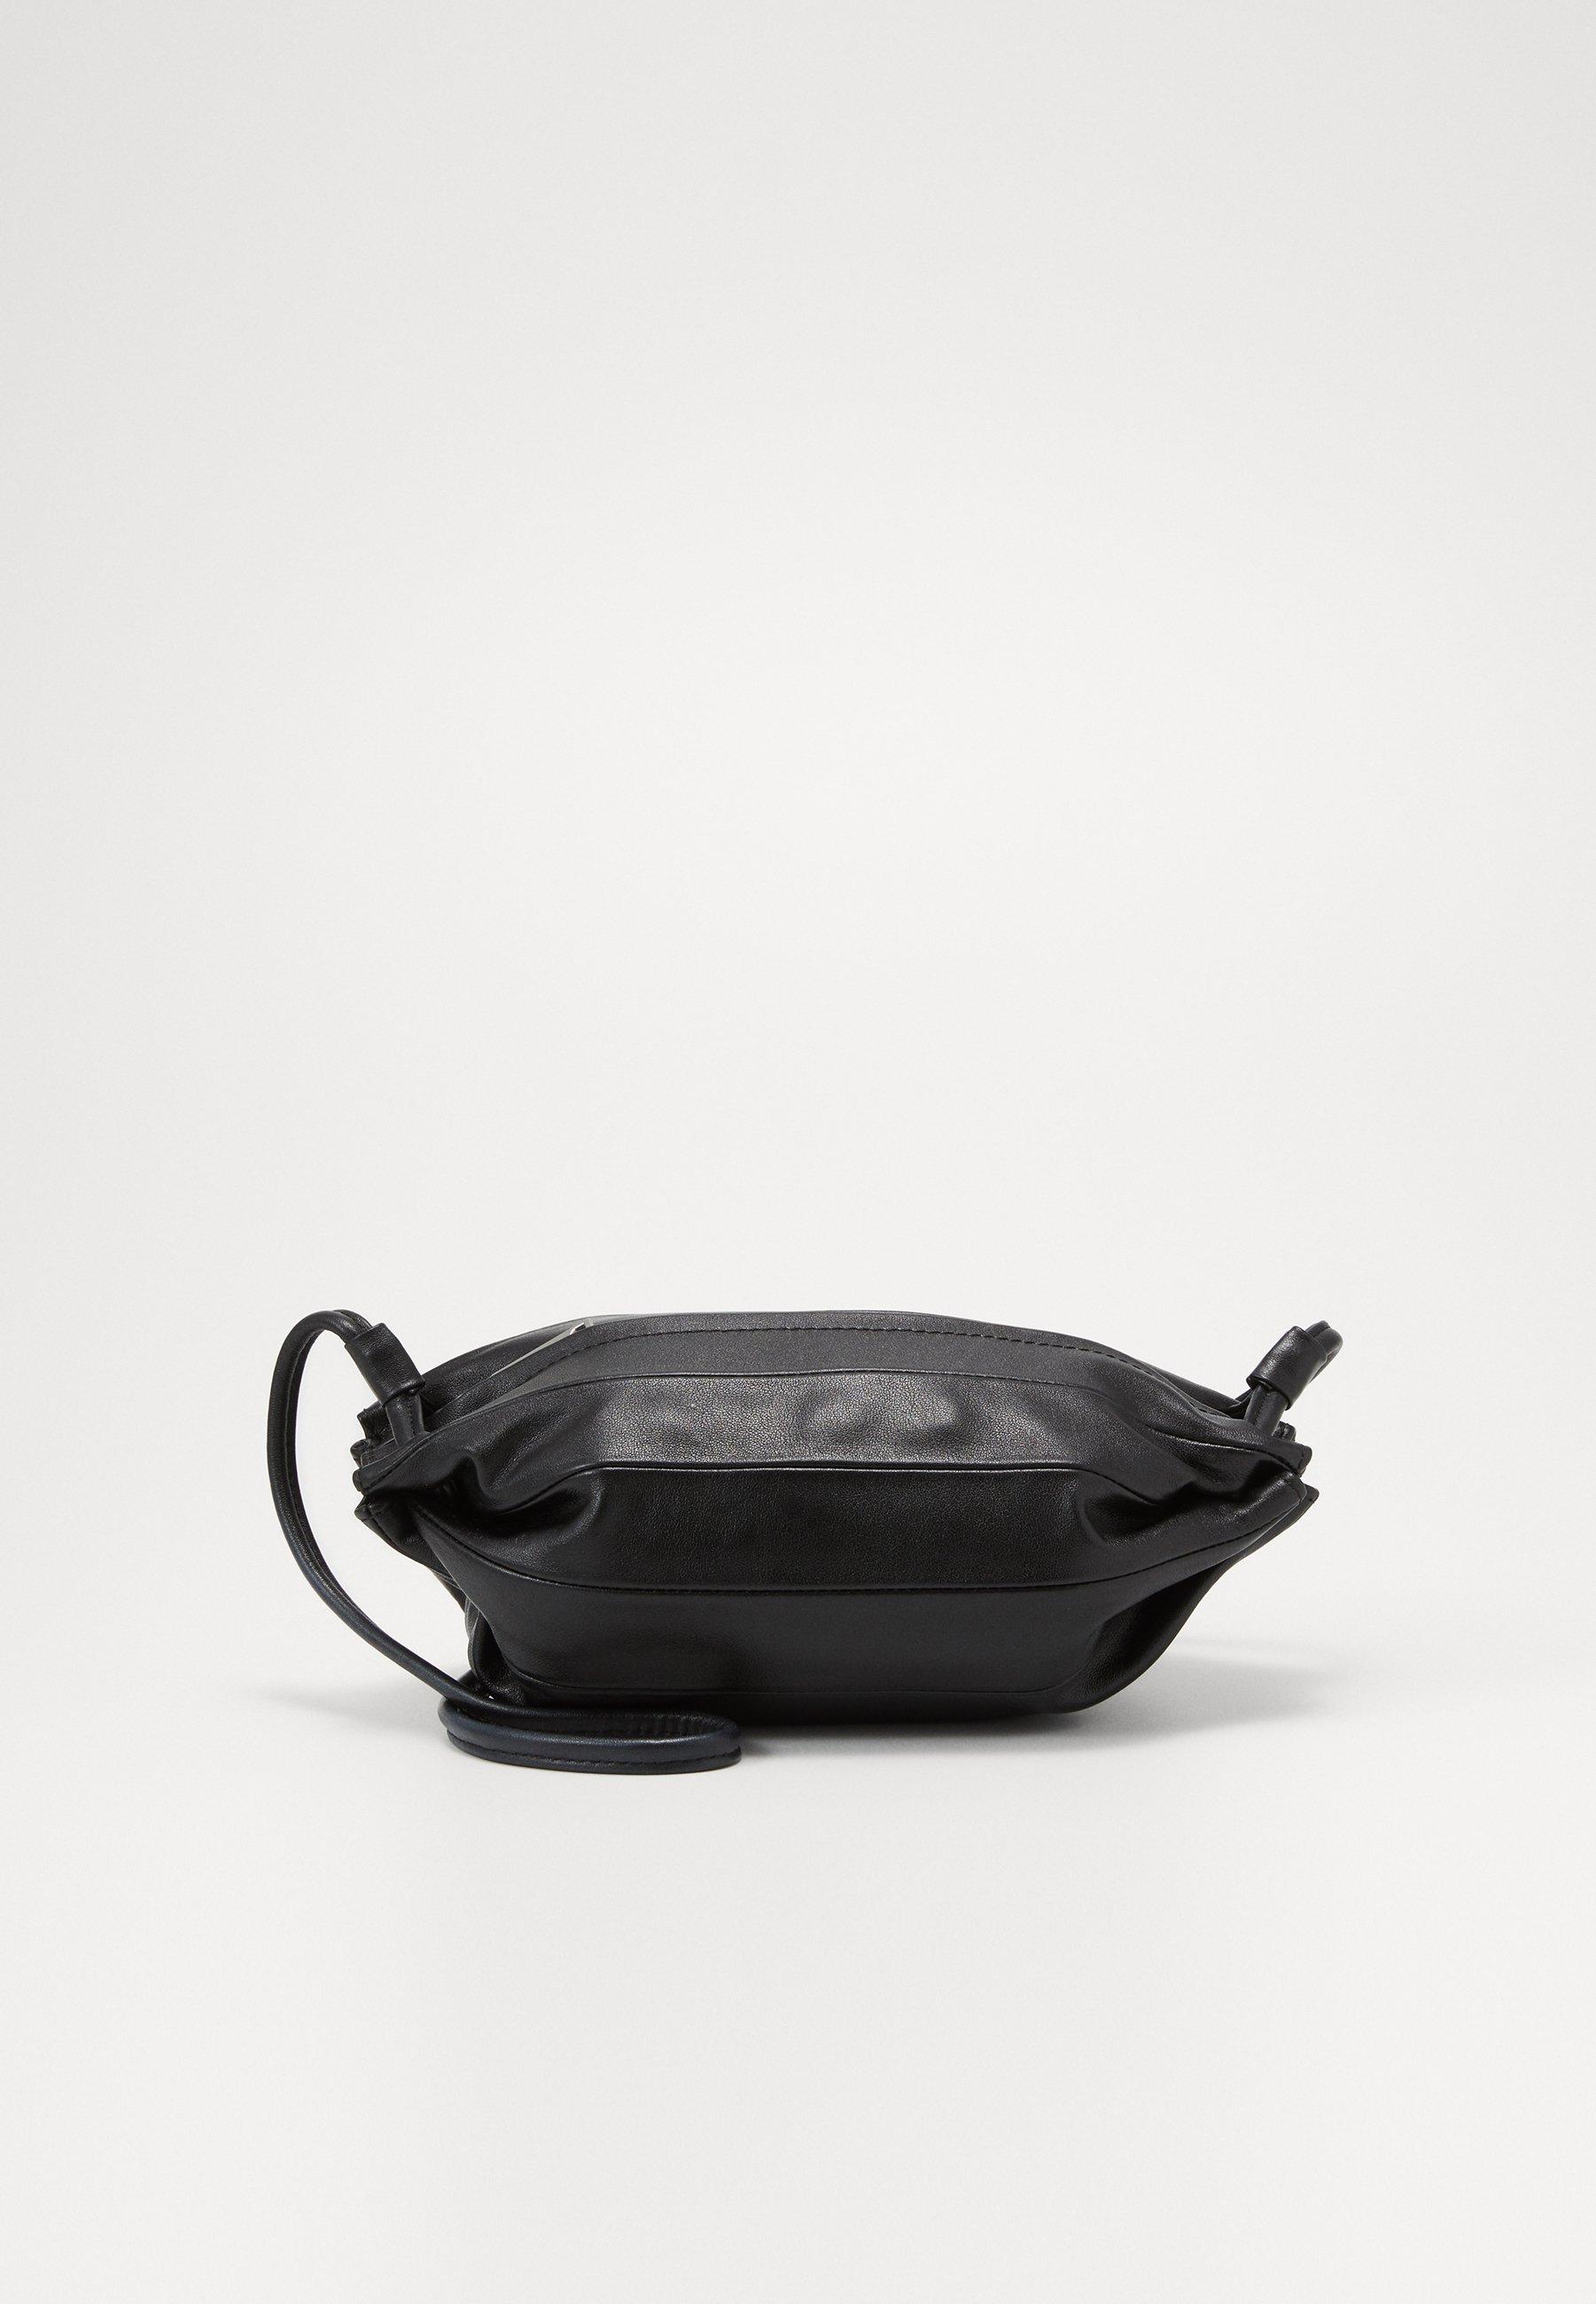 Marimekko Pikku Karla Bag - Skuldertasker Black